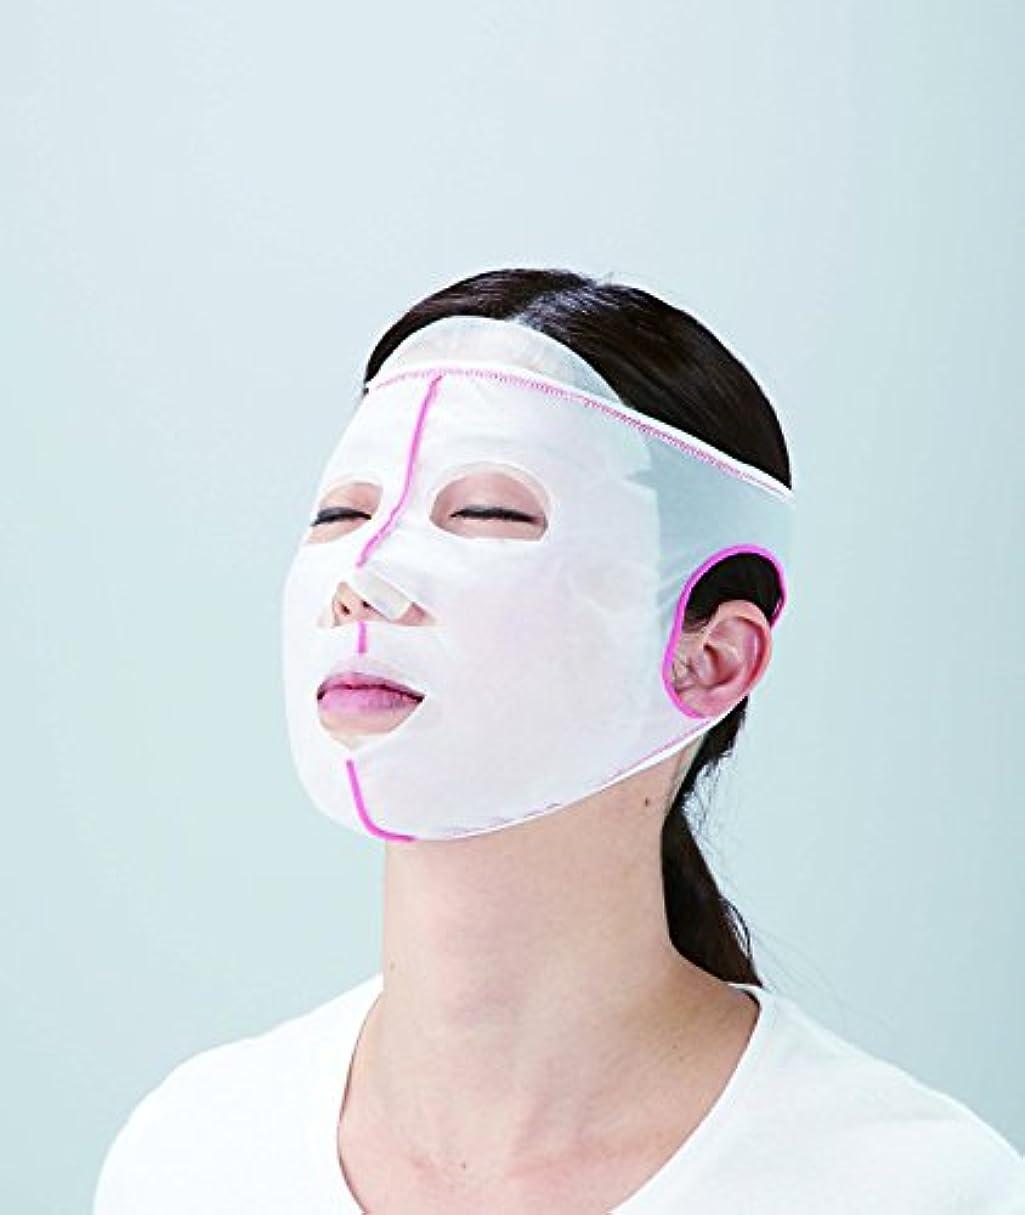 完全に乾く雪だるまウサギ透湿マスク シットリーナ リフトアップ 保湿マスク 顔パック 日本製 うるおい